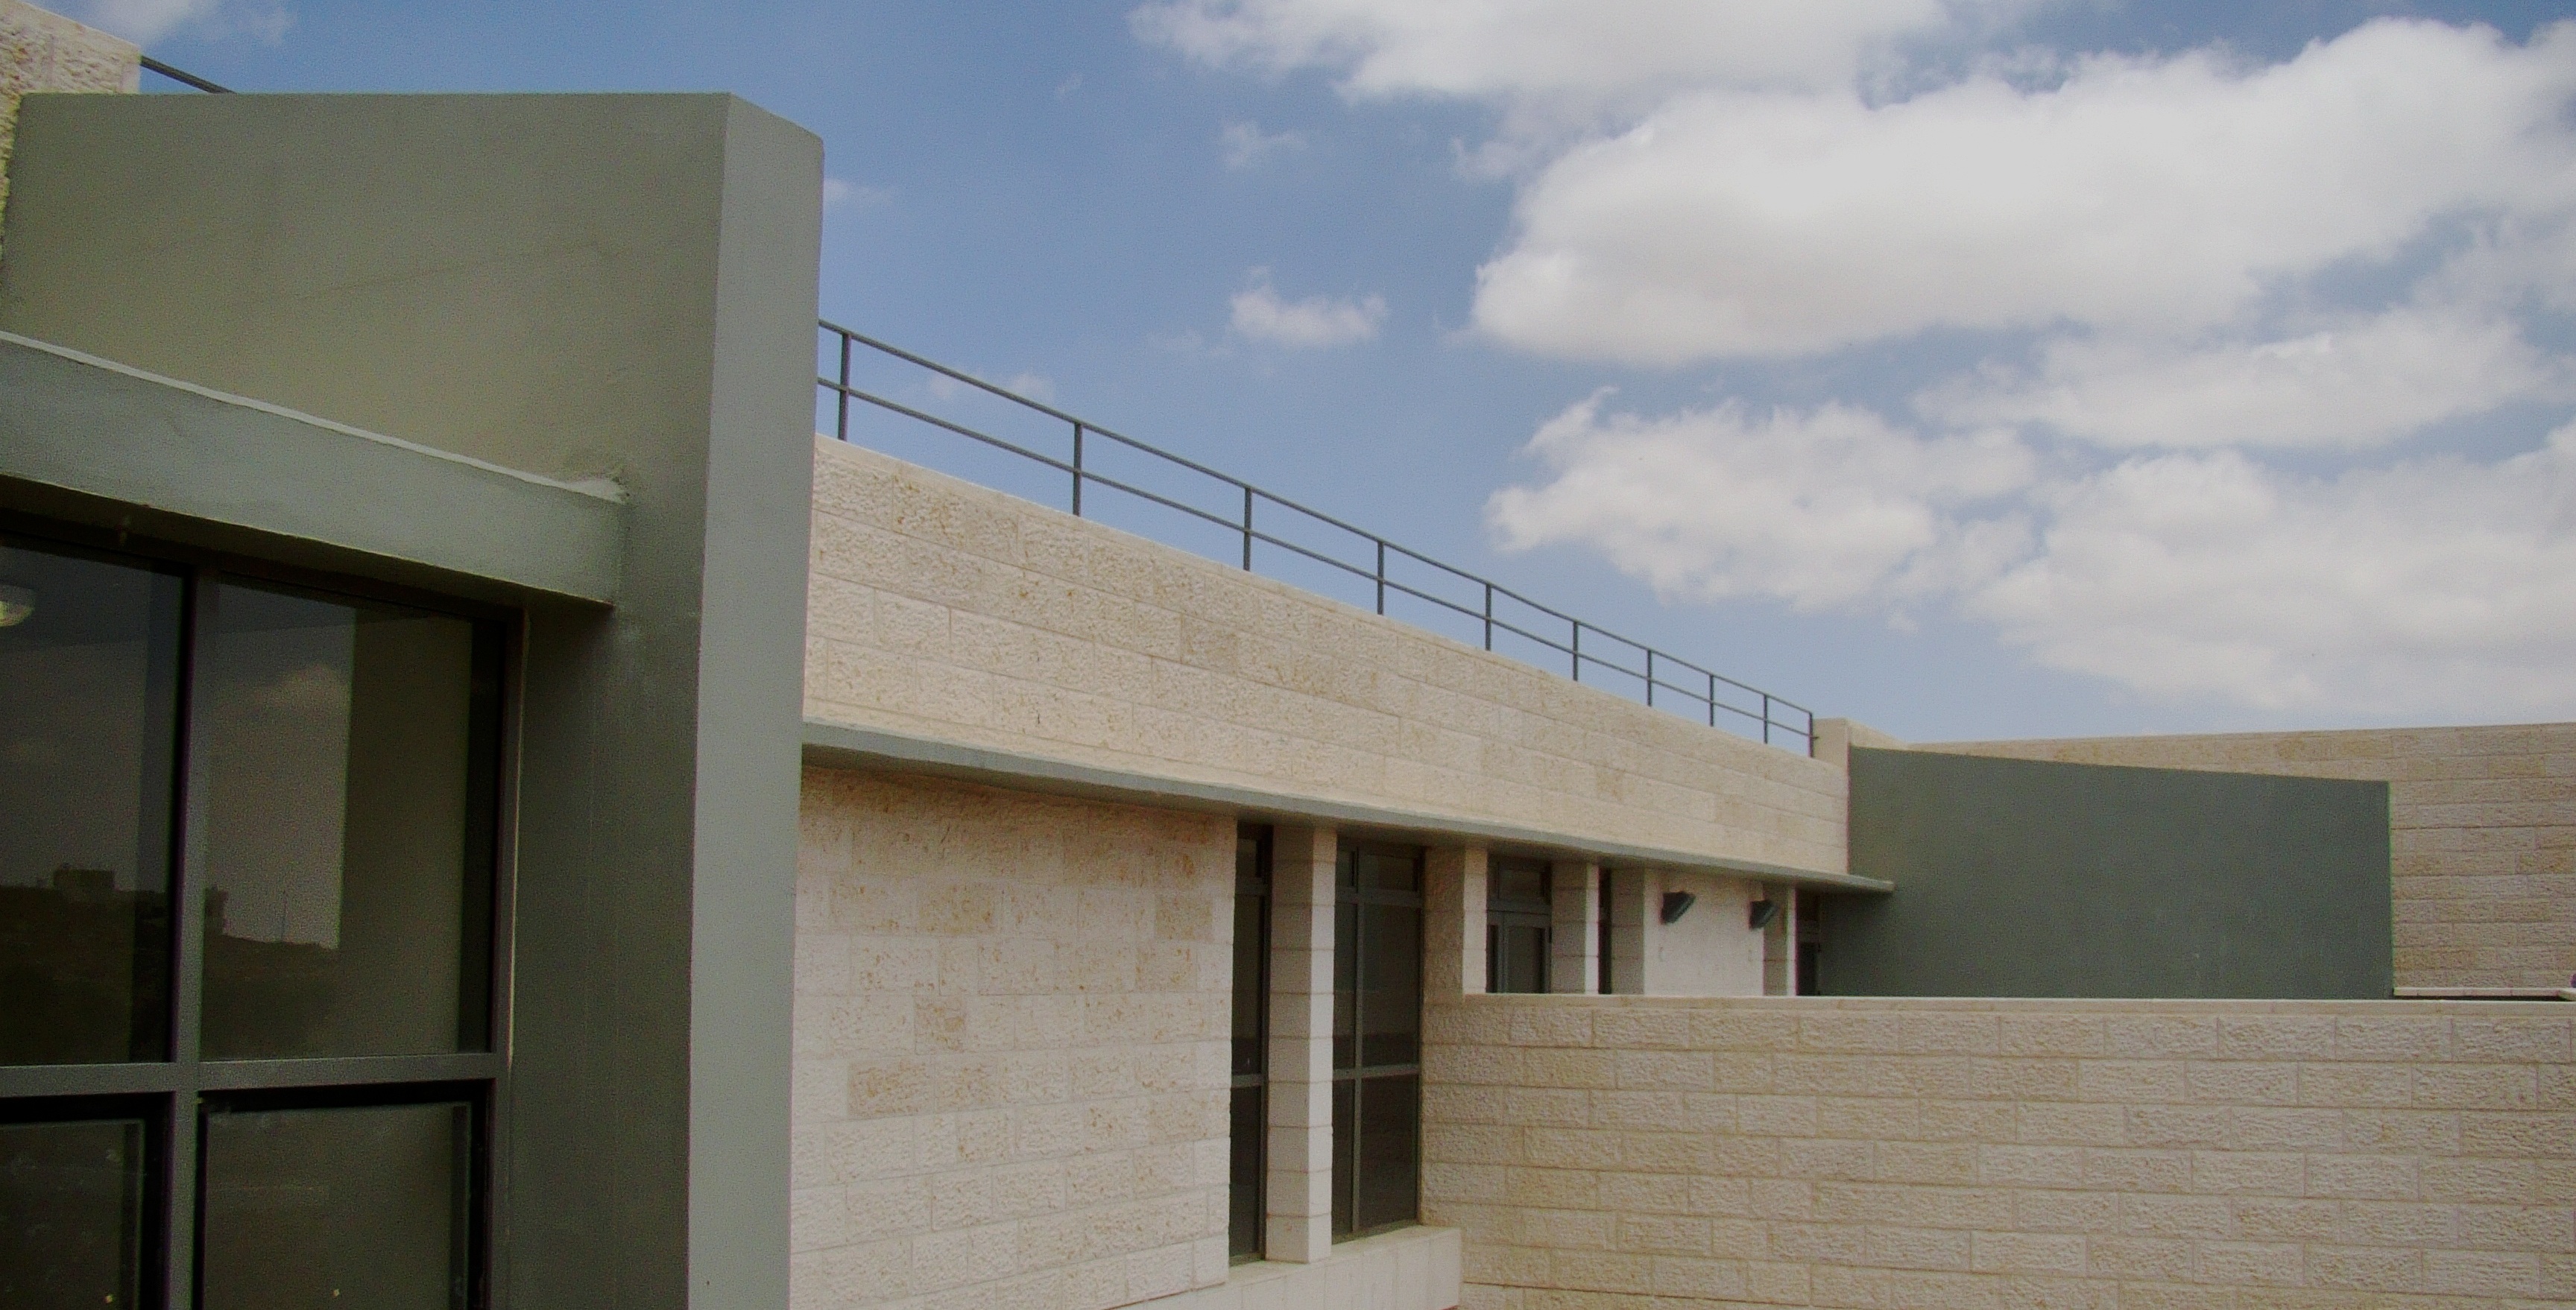 בית ספר לבנות, רמת שלמה, ירושלים